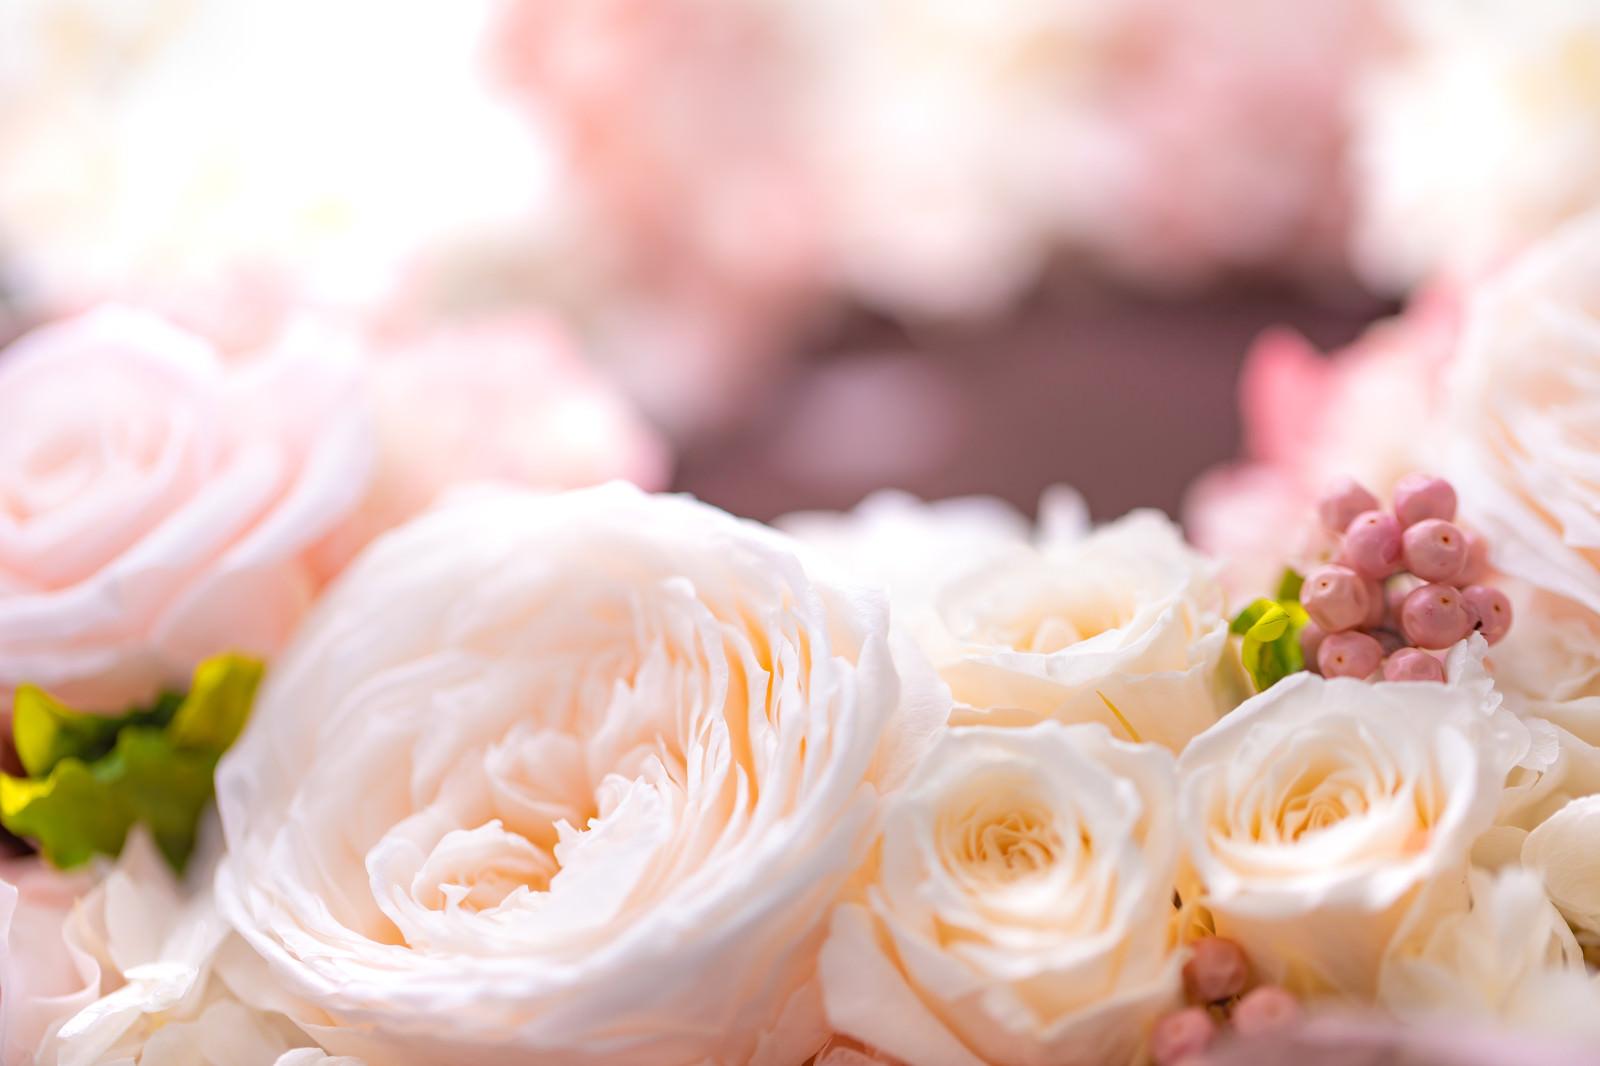 「白とピンクの花で作った贈り物」の写真